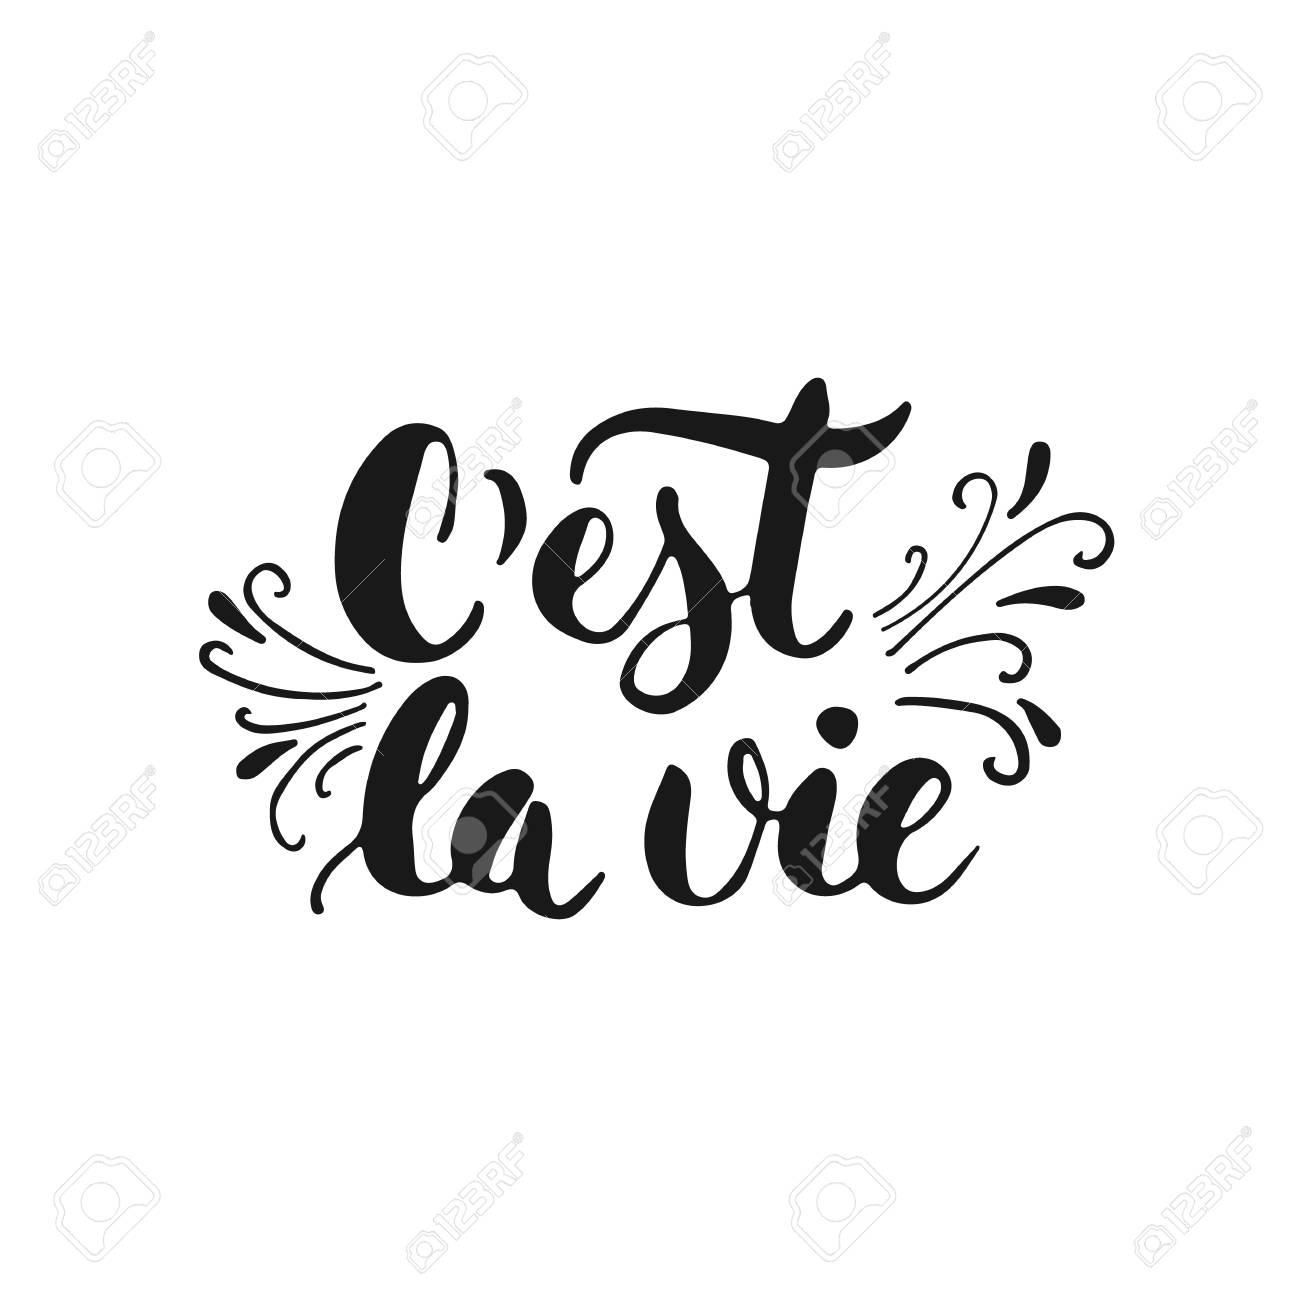 Cest La Vie Dibujado A Mano Las Letras De Una Frase Así Es La Vida En Francés Aislado En El Fondo Blanco Inscripción De Tinta Cepillo De